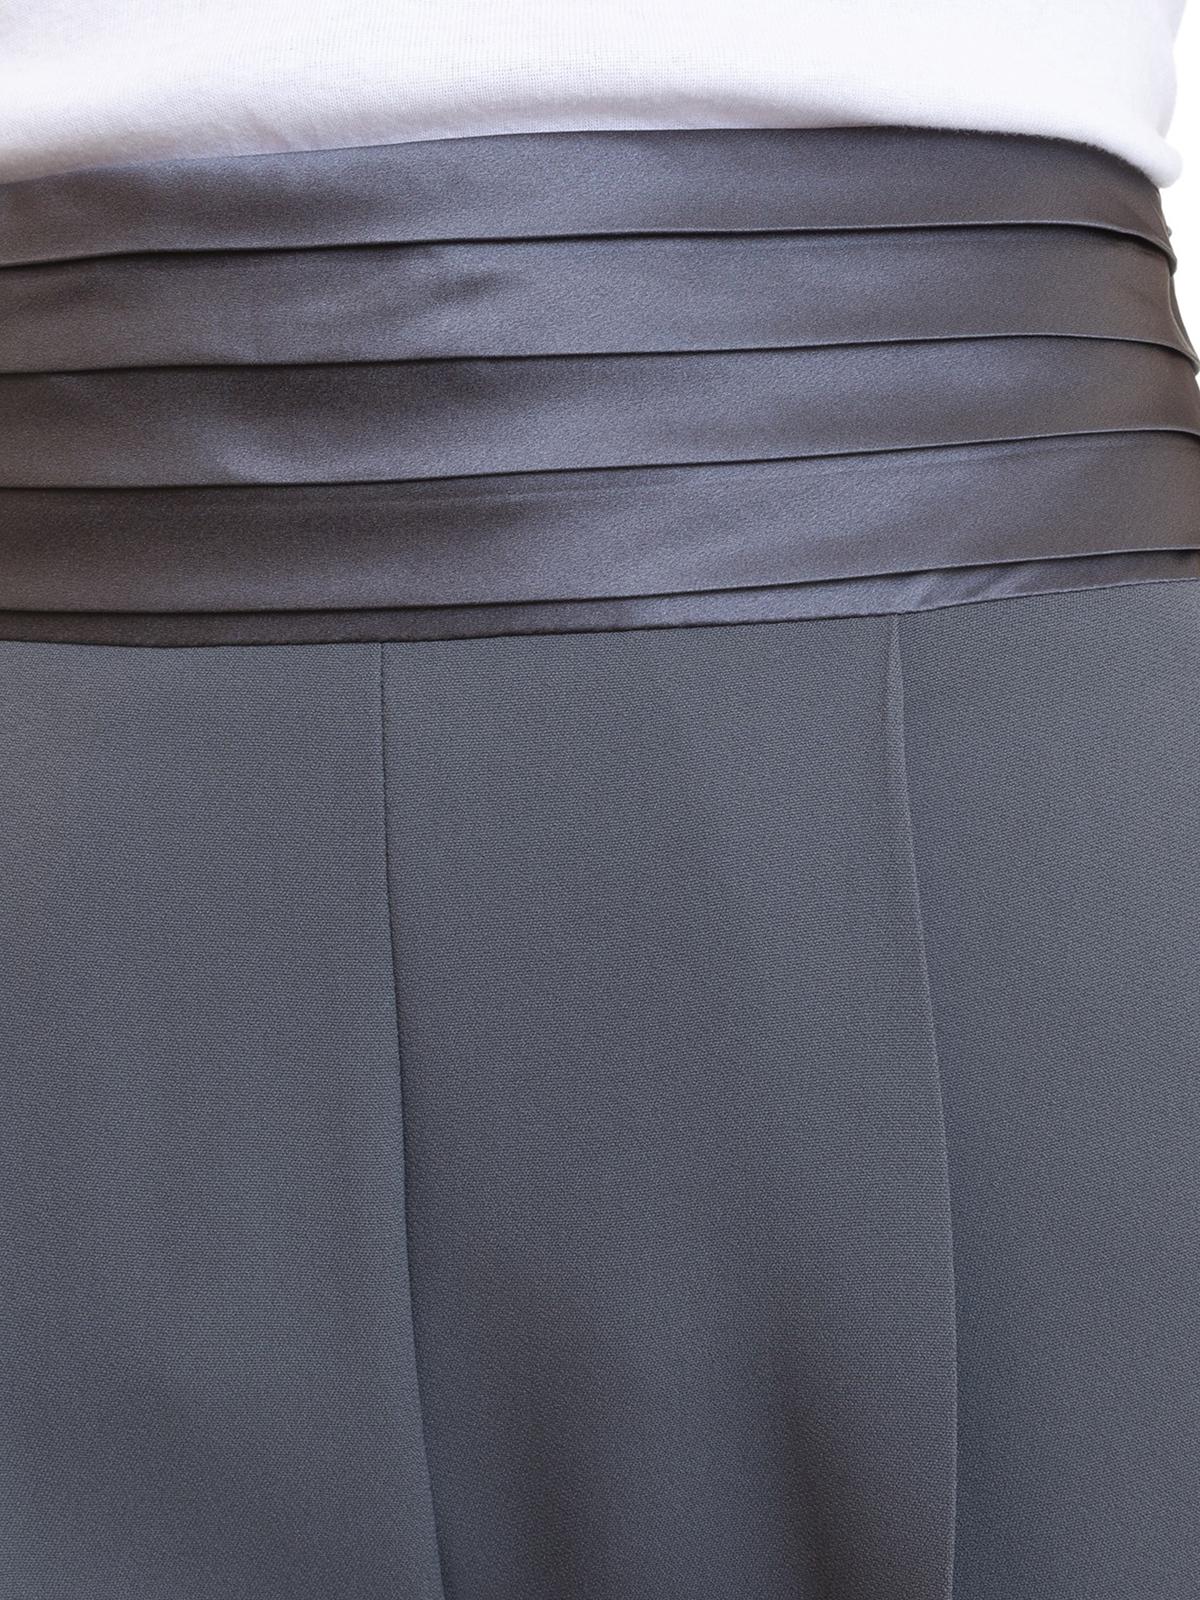 acquistare modellazione duratura dove comprare Emporio Armani - Pantalone da smoking grigio - Pantaloni ...